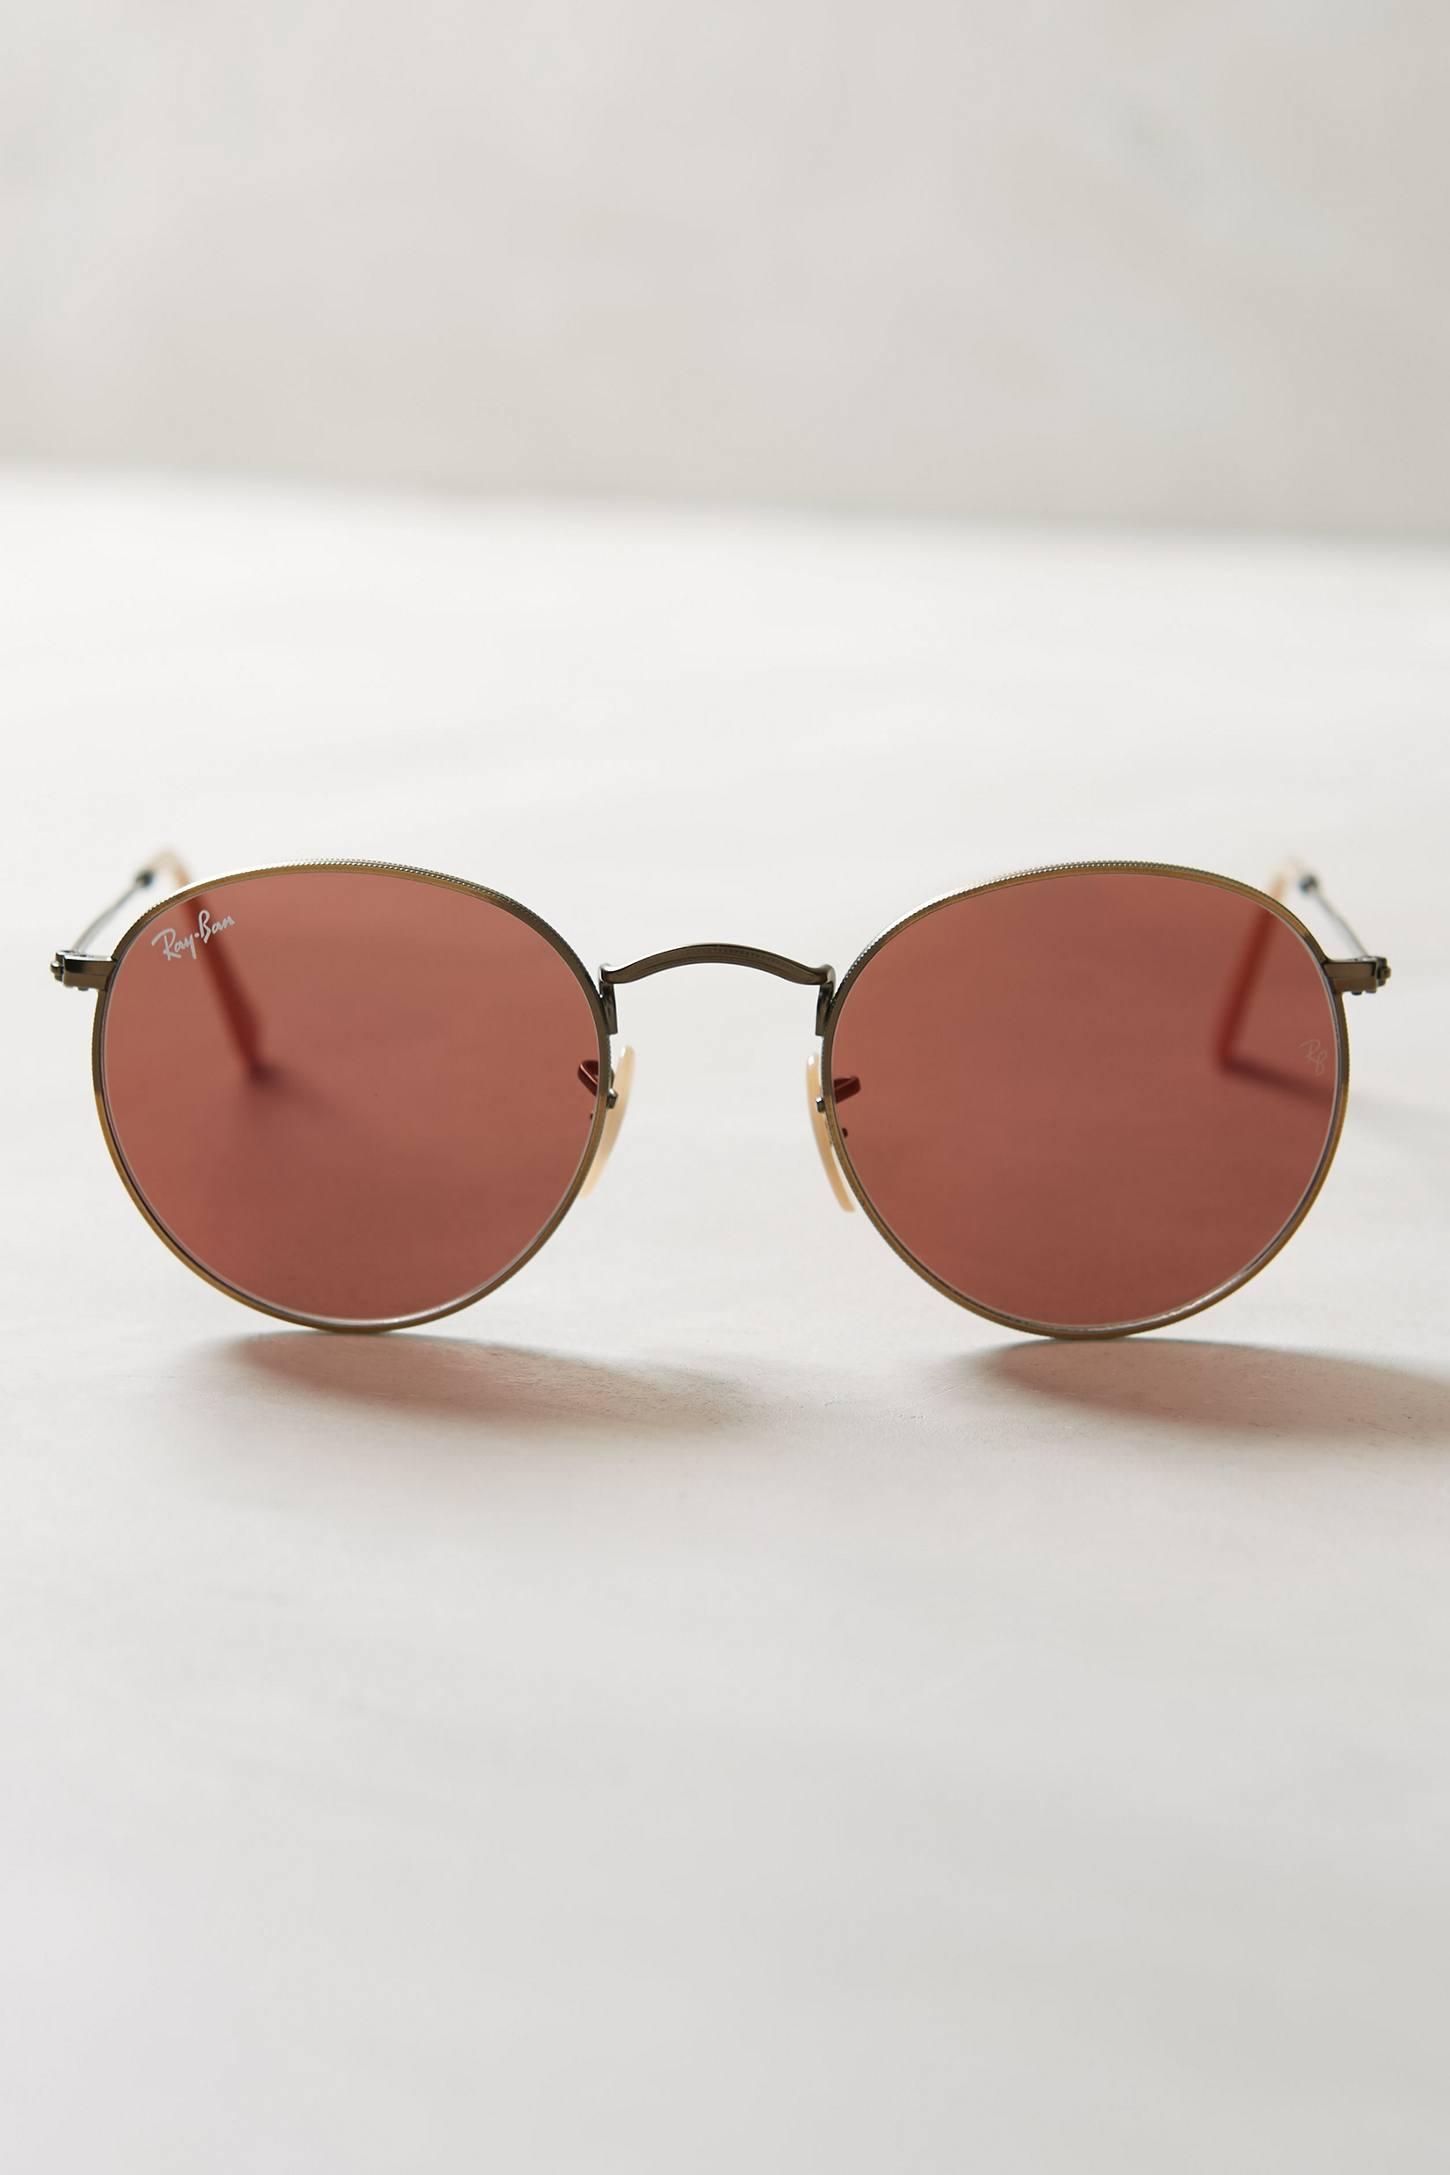 ray ban velvet round keyhole sunglasses  keyhole round sunglasses by ray ban